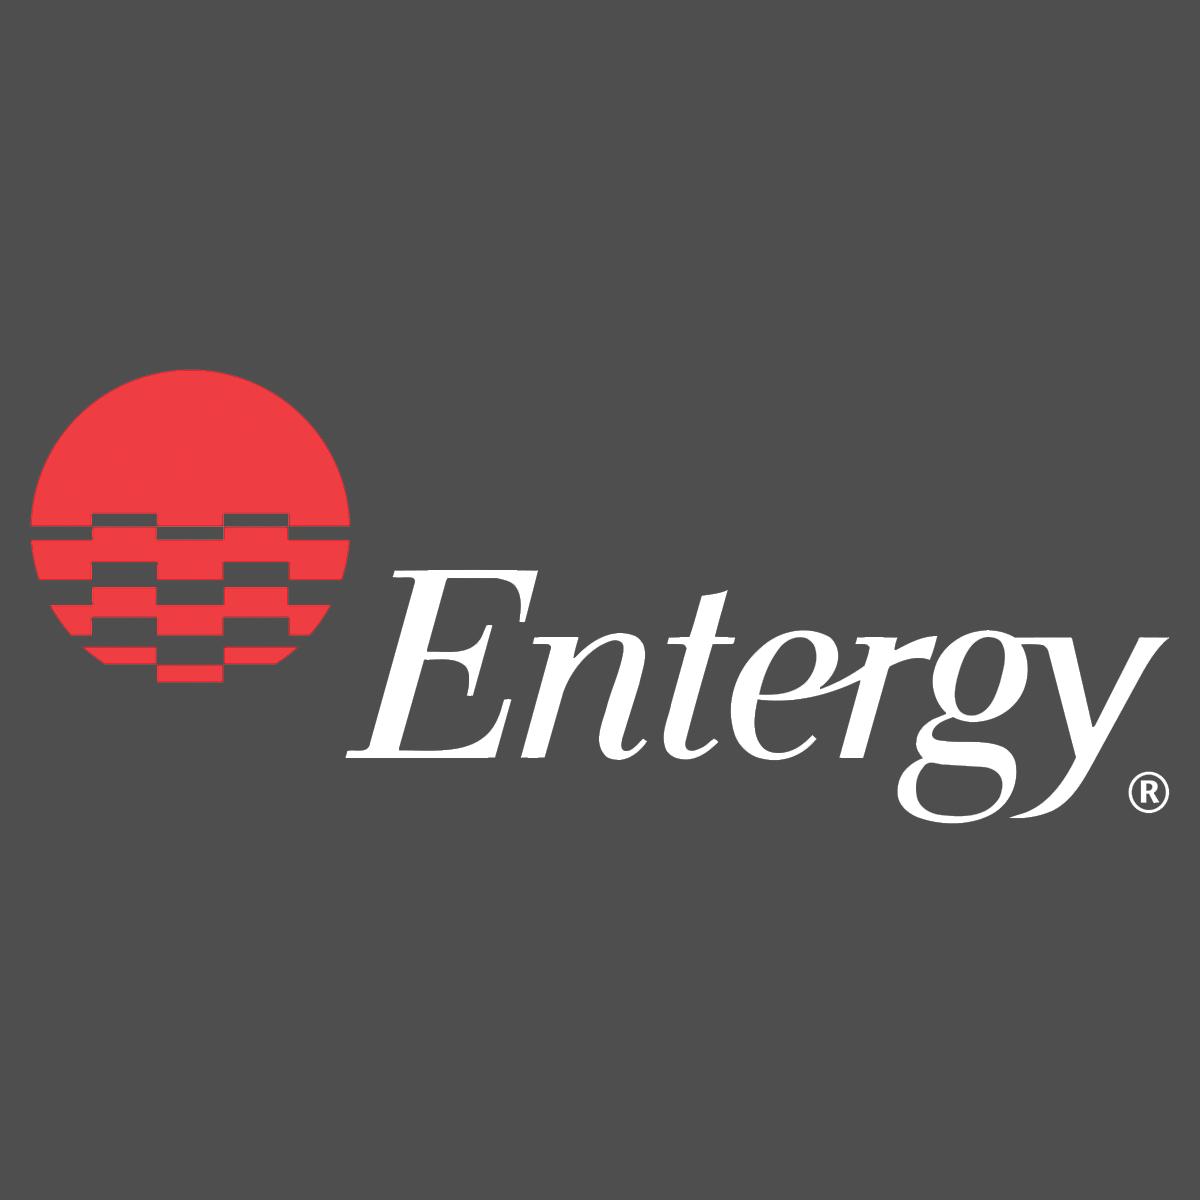 entergy_color.png